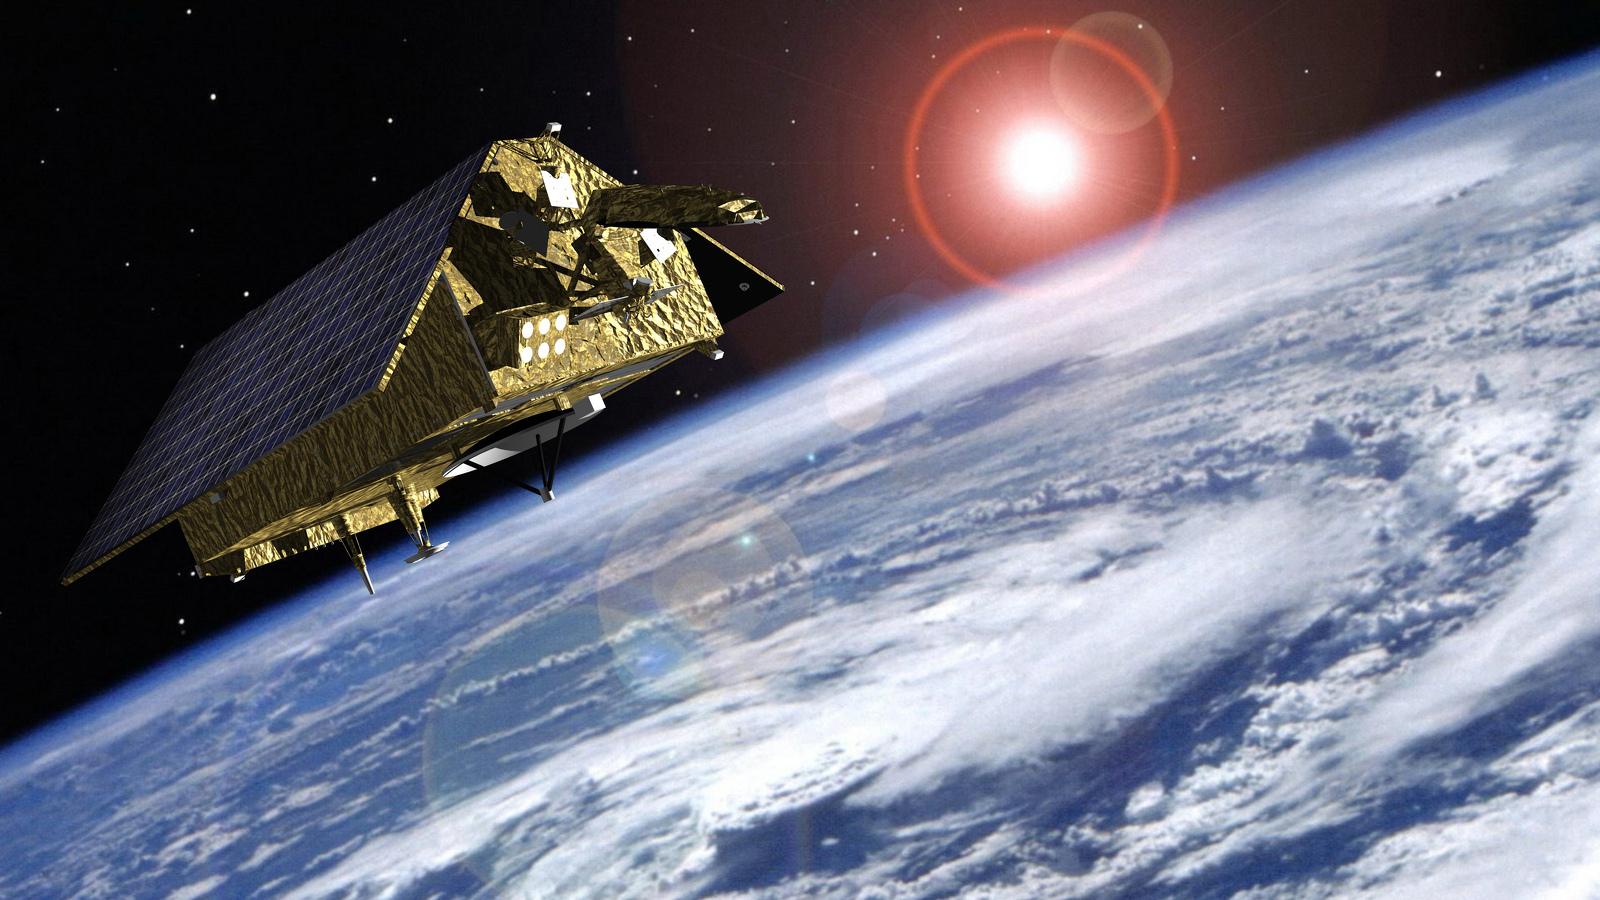 Representació artística d'un dels Sentinel 6 orbitant la Terra